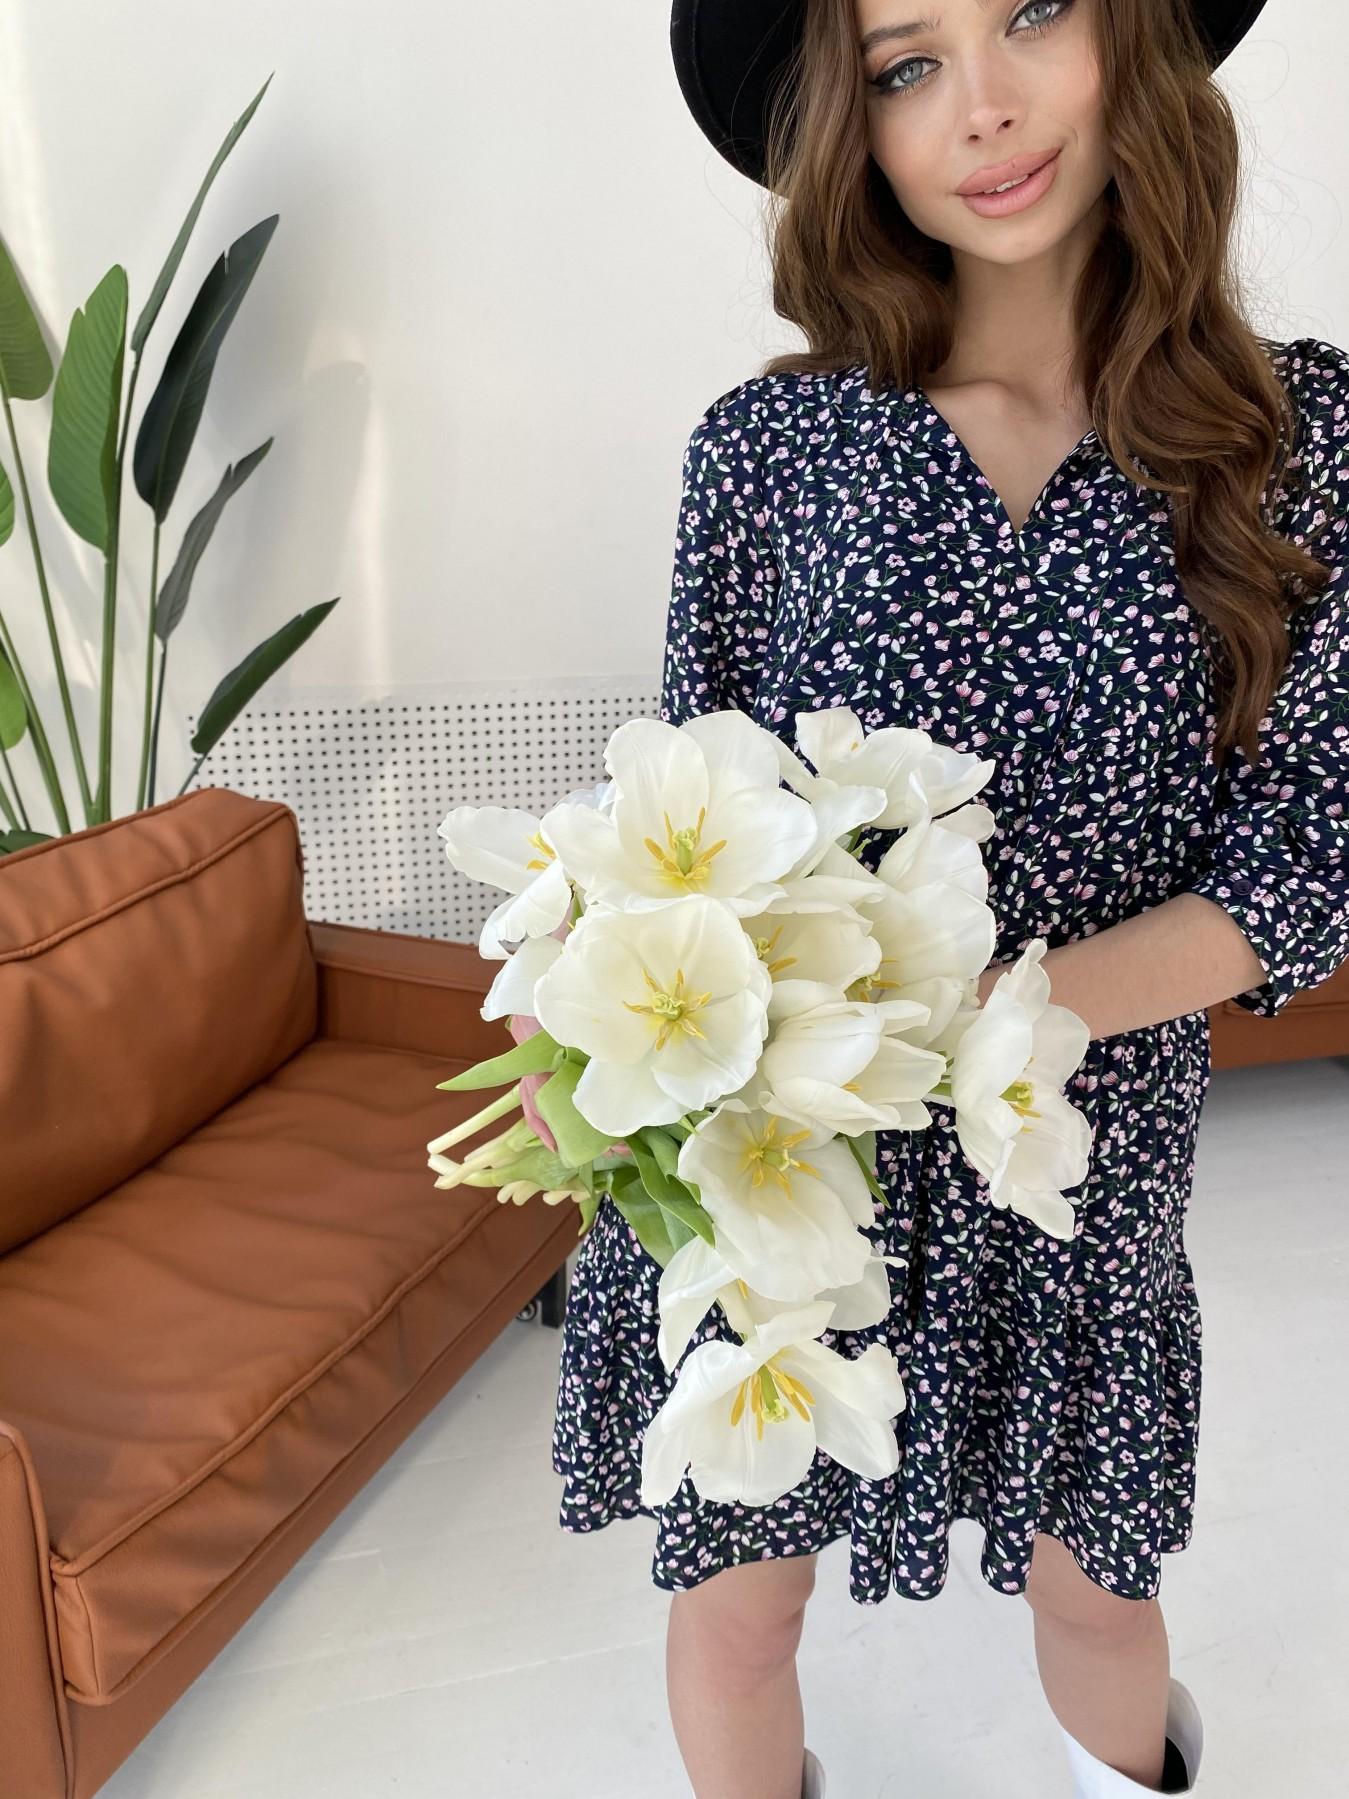 Нинель штапель принт платье 10877 АРТ. 47348 Цвет: Цветы мел т.син/бел/роз - фото 4, интернет магазин tm-modus.ru